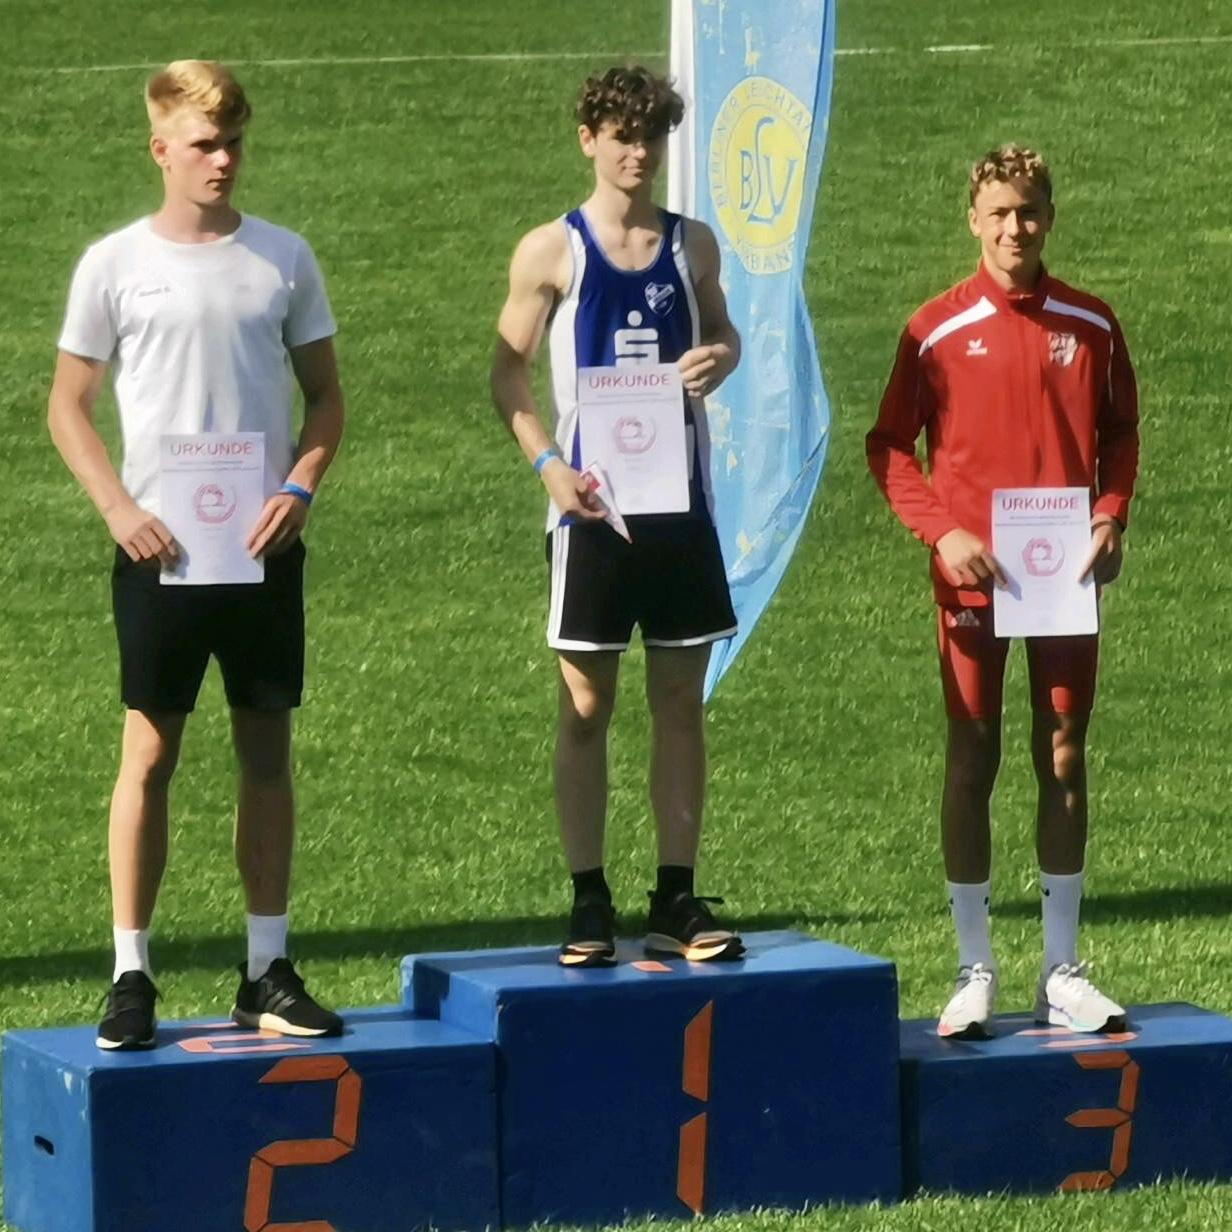 Moritz mit Bronze bei NDM